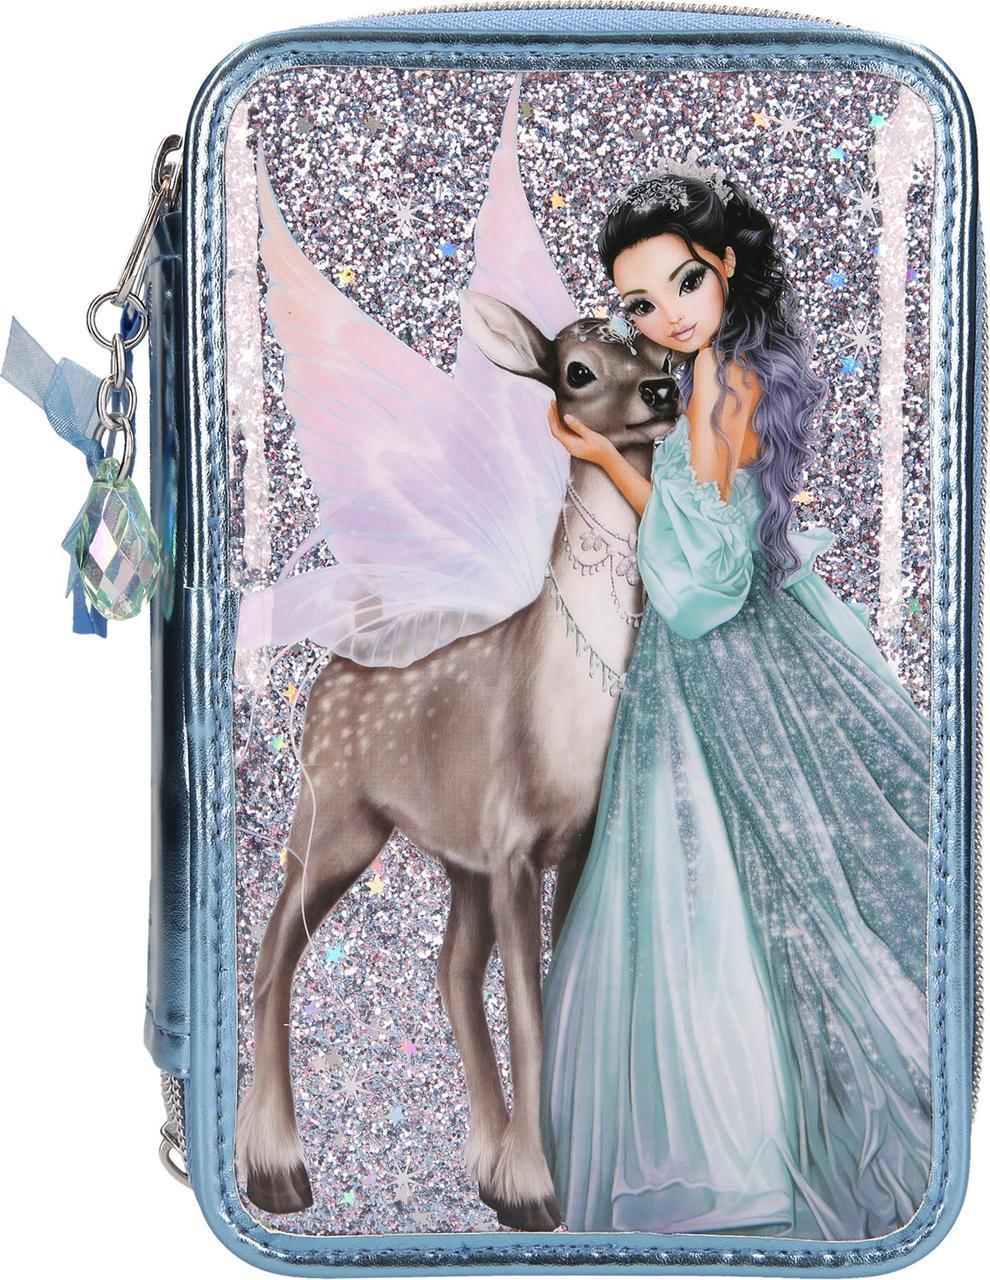 ТОР Model великий наповнений пенал IcePrincess ( Тройной пенал с наполнением ТОП Модел Ледяная принцесса )